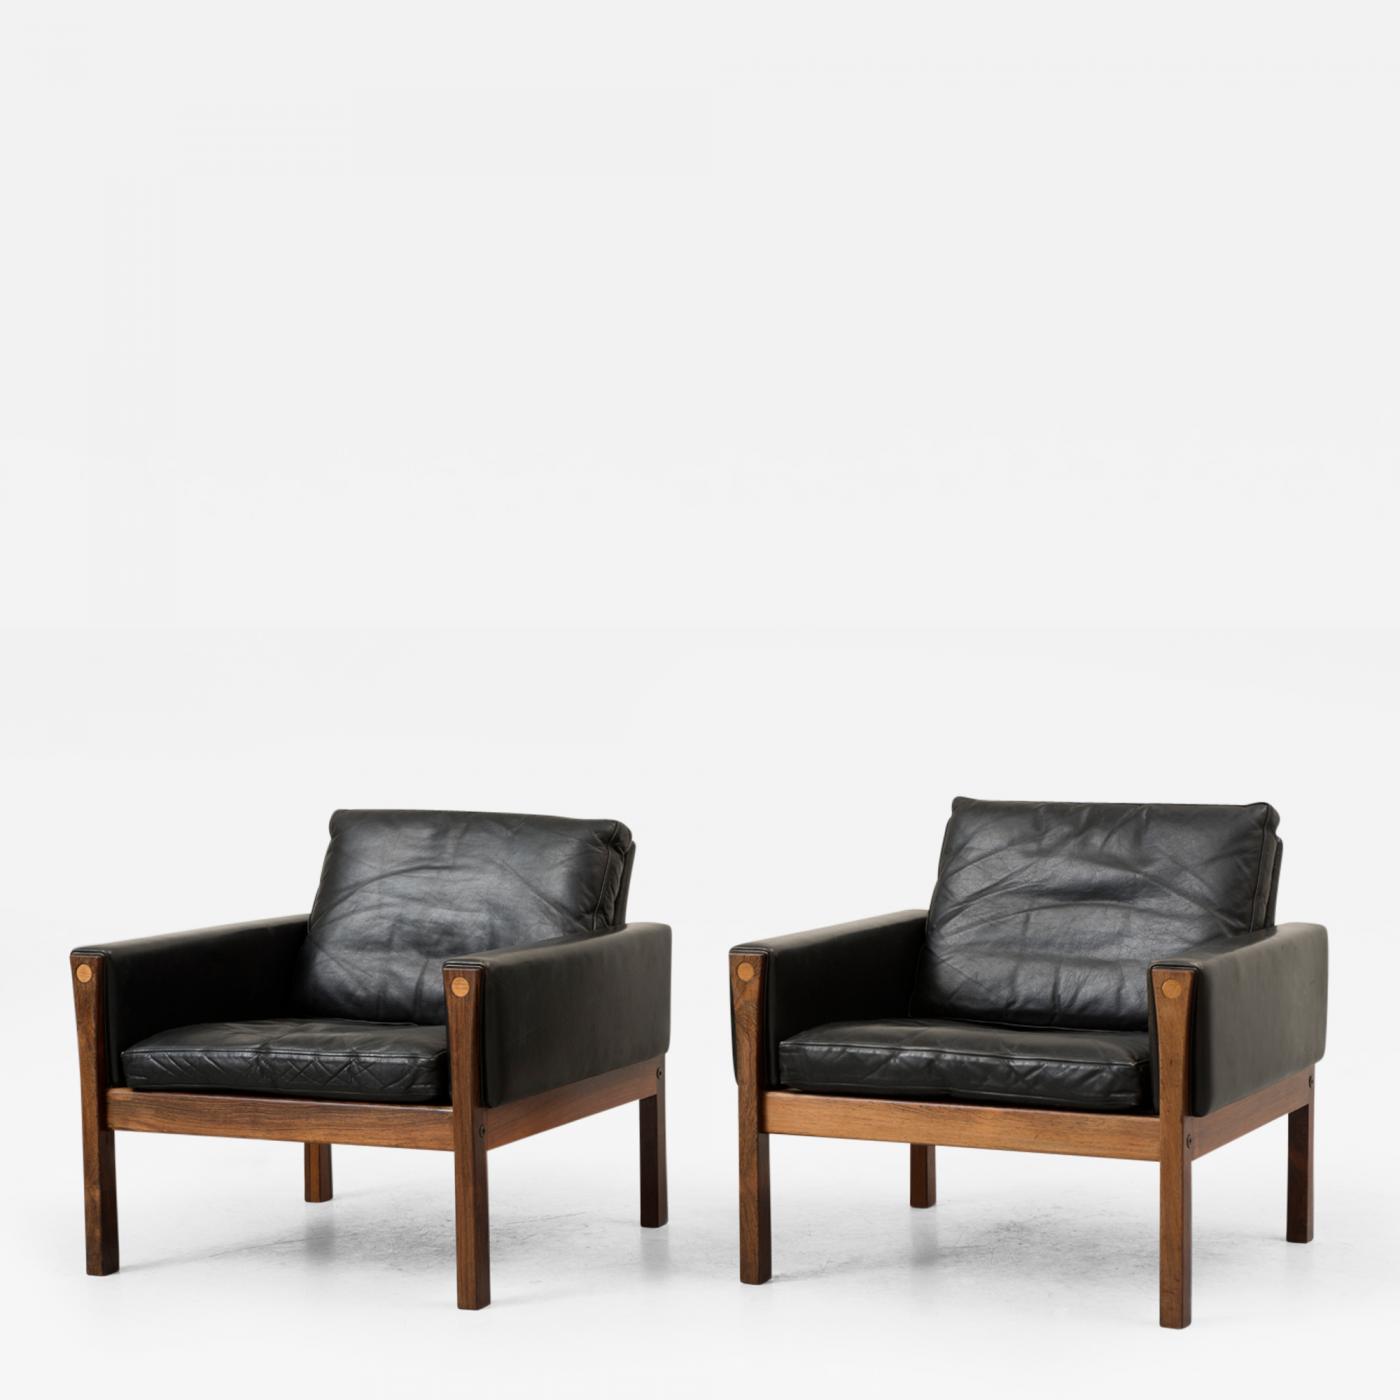 Hans J Wegner Hans Wegner Pair of AP 62 Chairs in Rosewood and